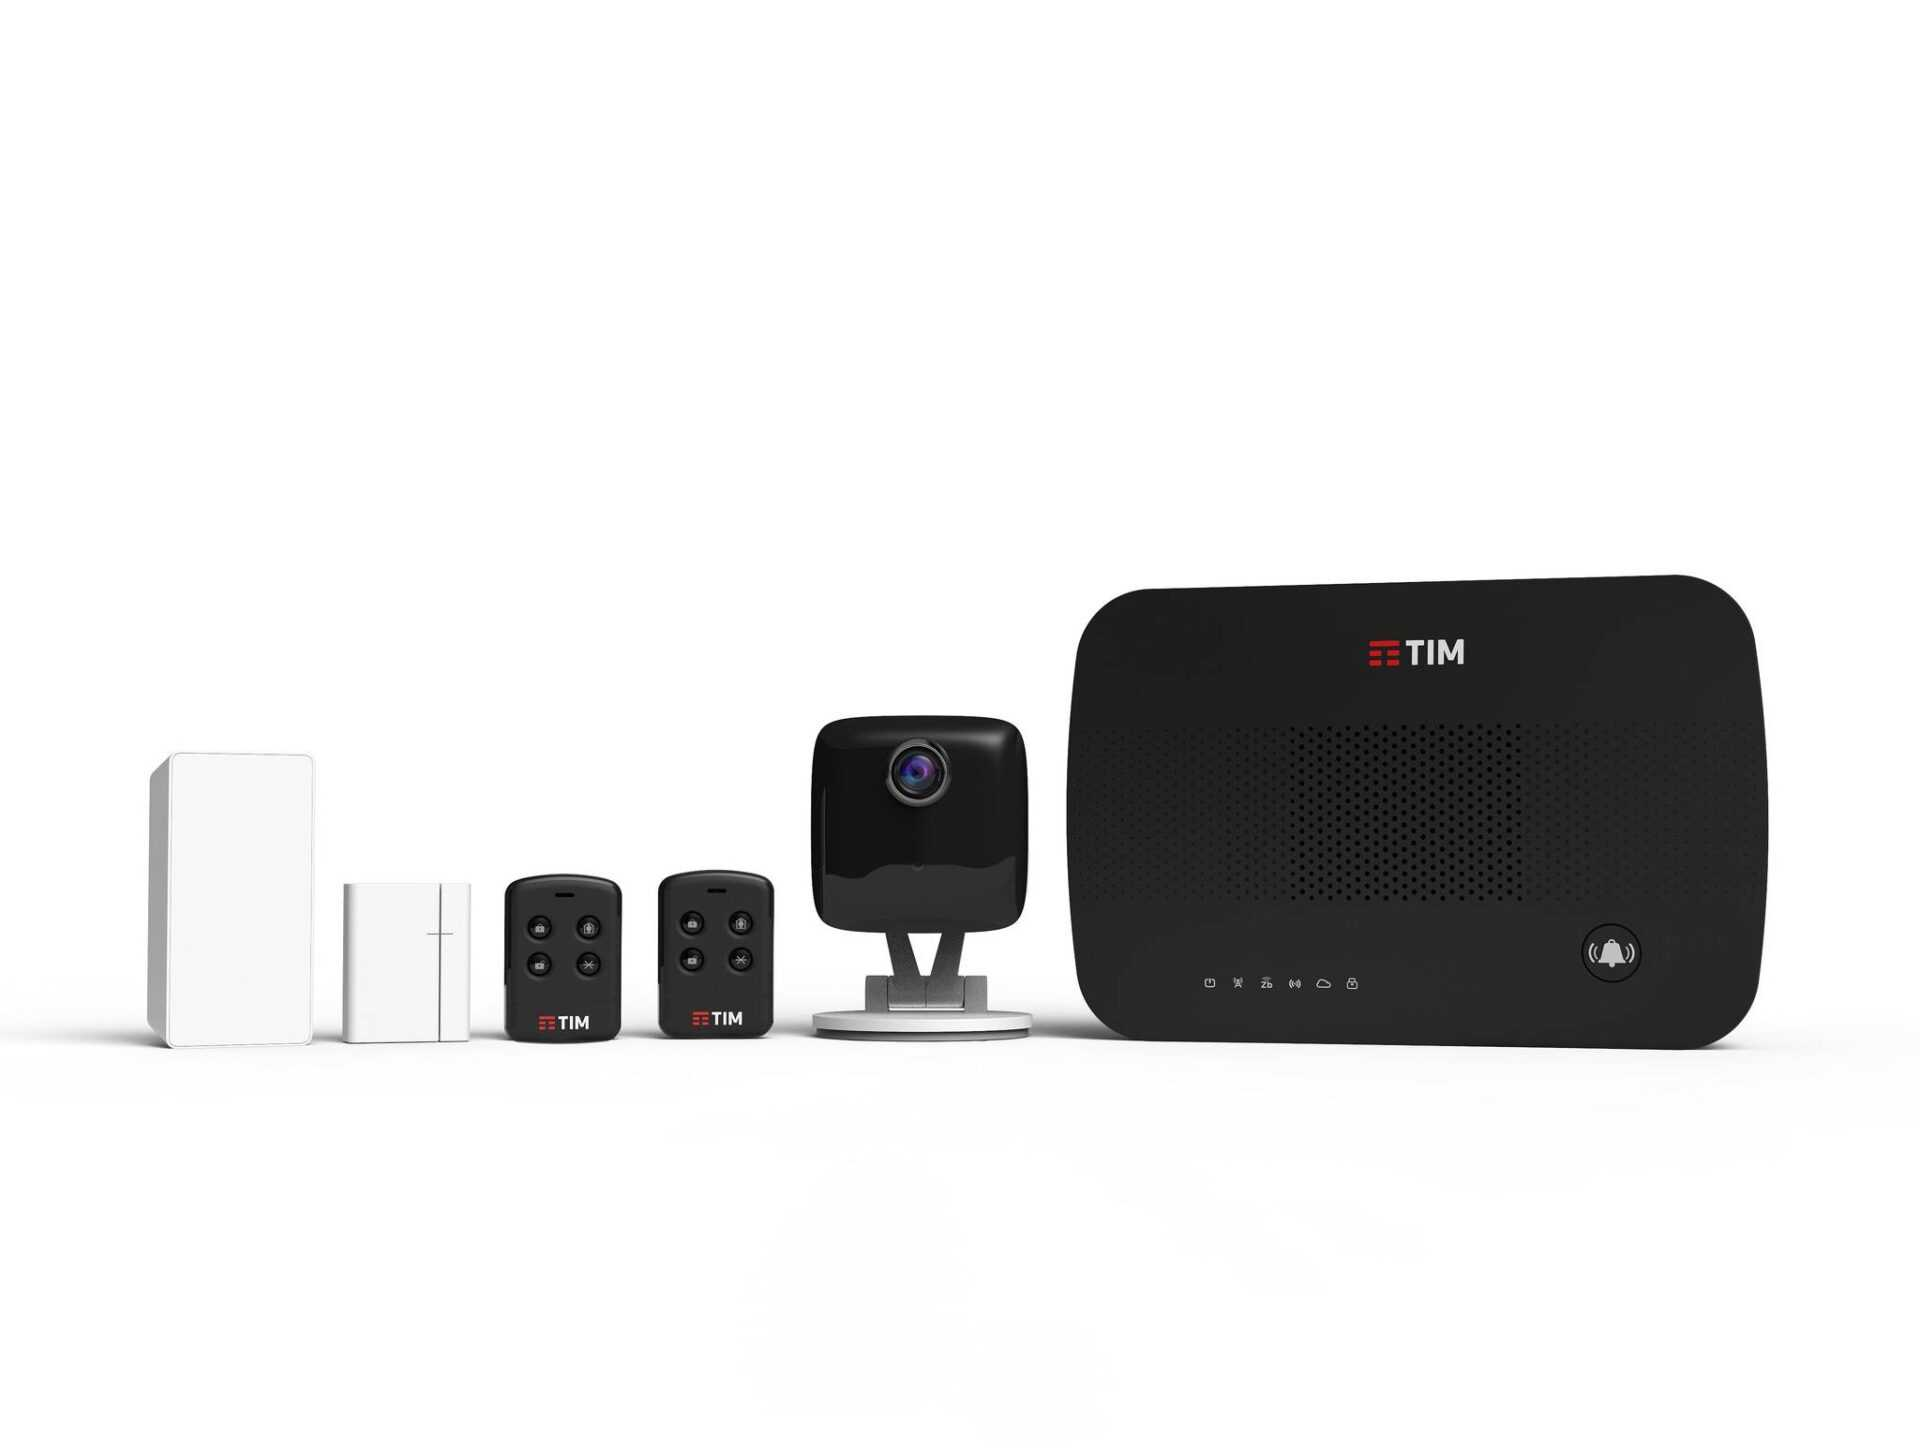 """TIM entra nel mondo della Smart Home con IoTIM, la nuova """"superapp"""" per connettere gli oggetti intelligenti"""